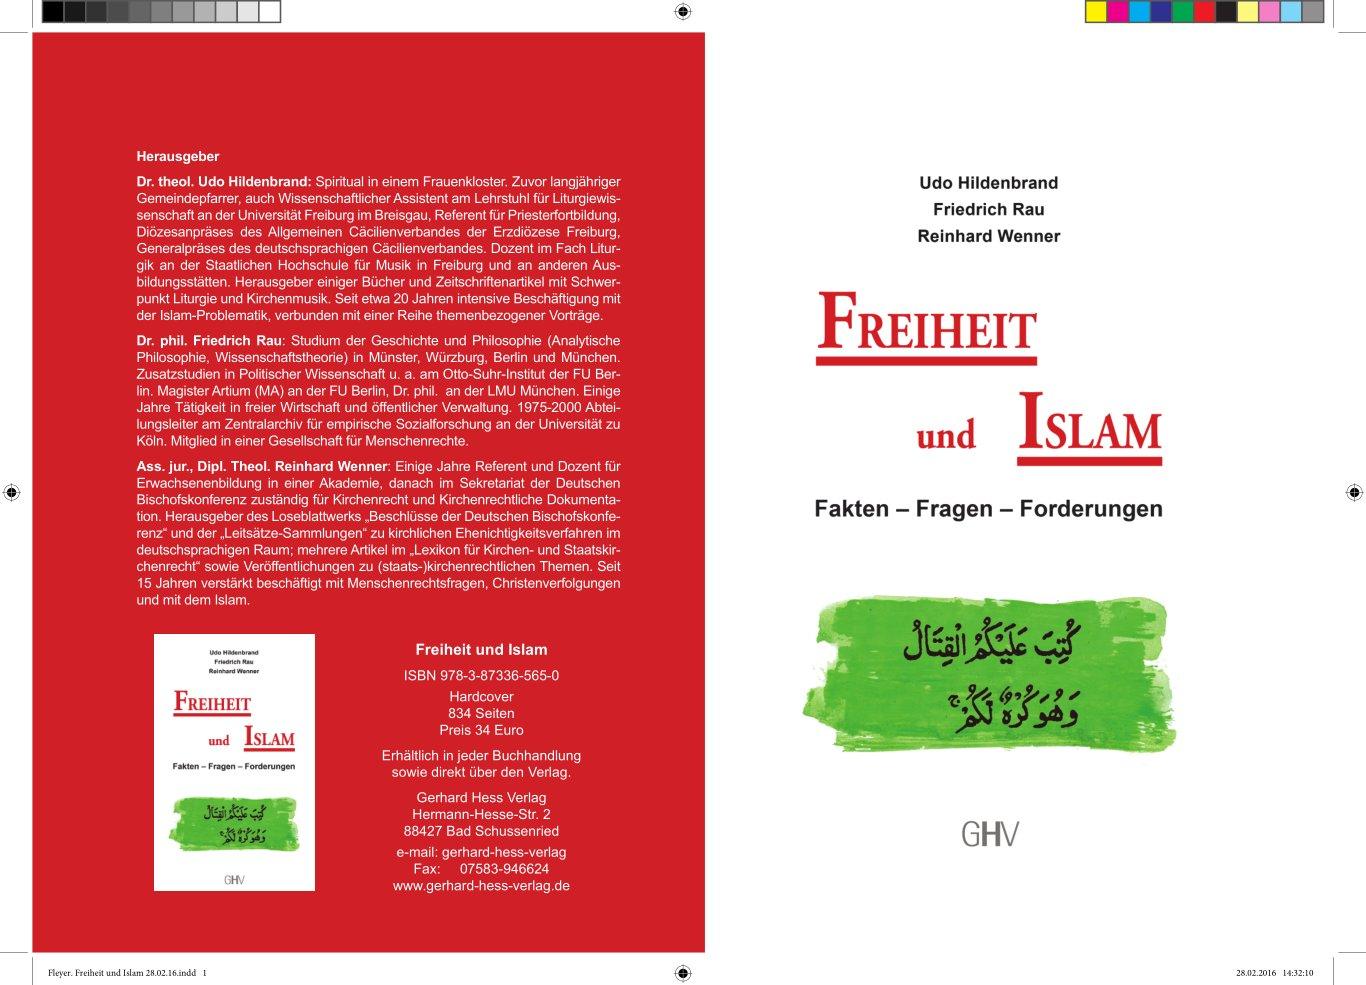 freiheit-und-islam